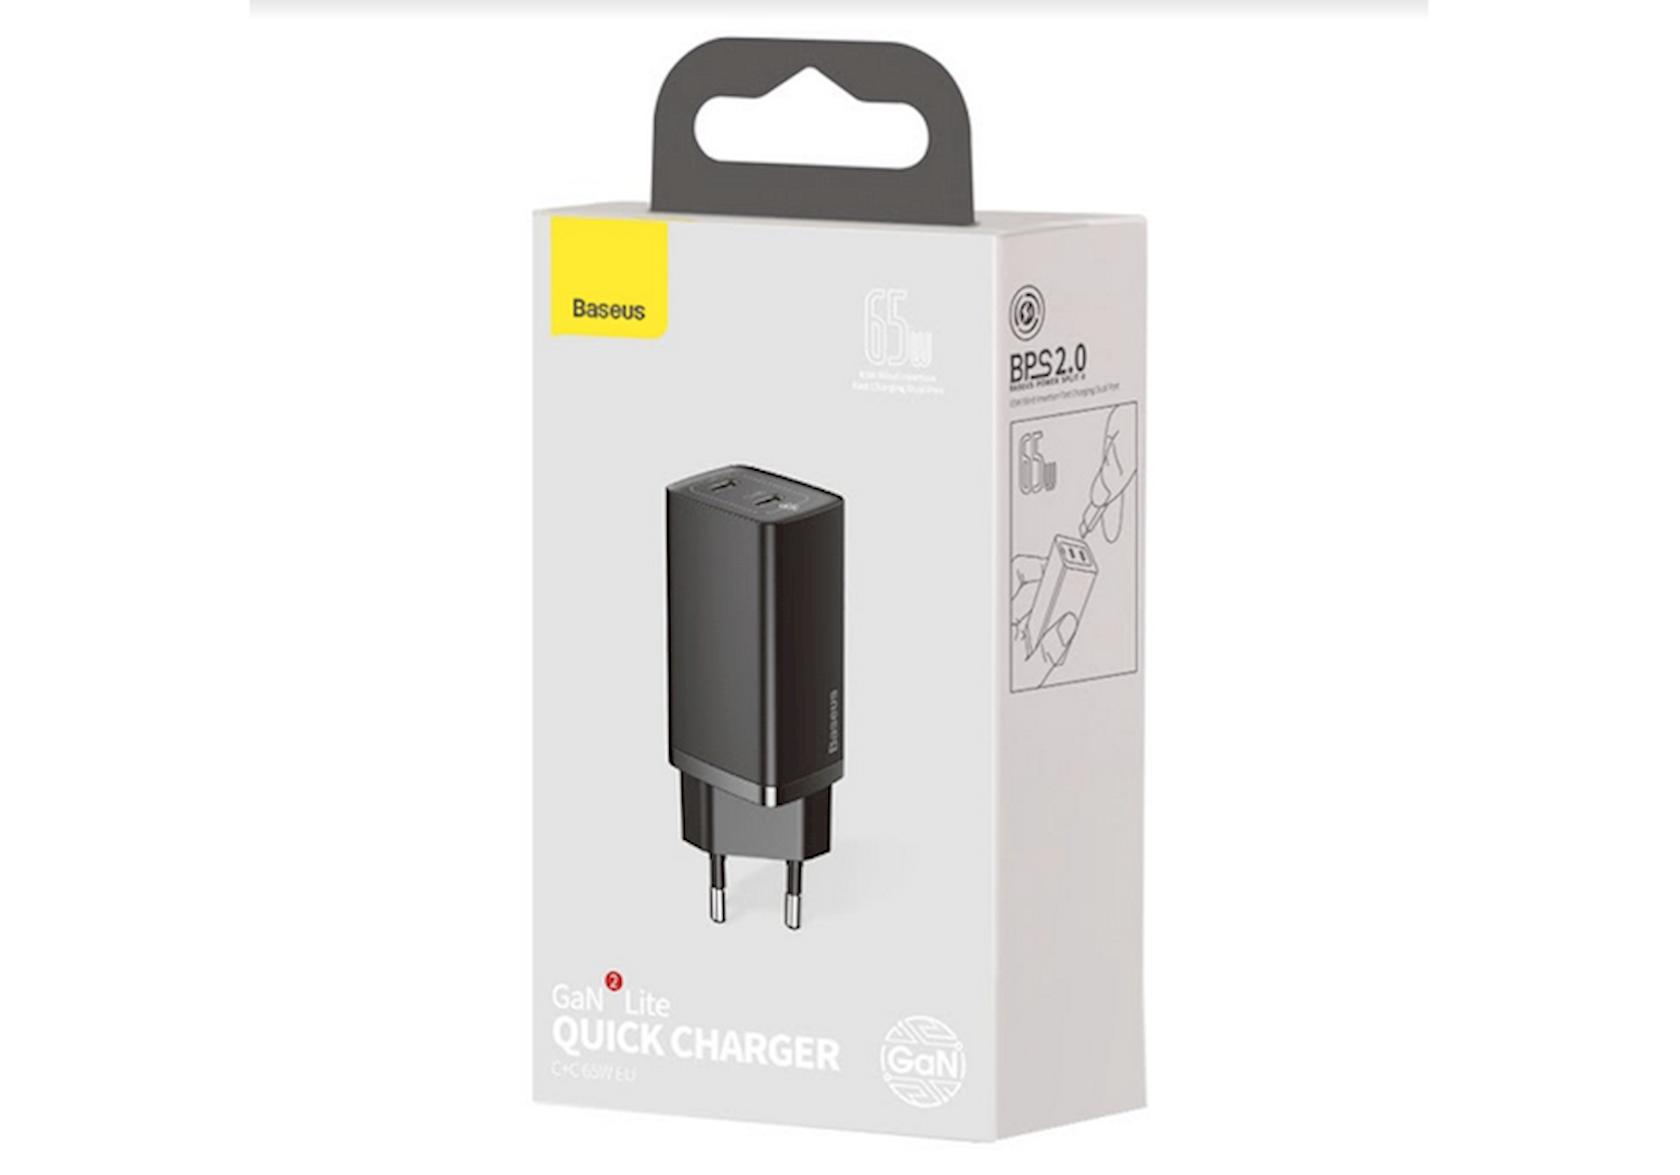 Enerji toplama cihazı Baseus GaN2 Lite Quick ChargerC C 65W EU CCGAN2L-E01 Black